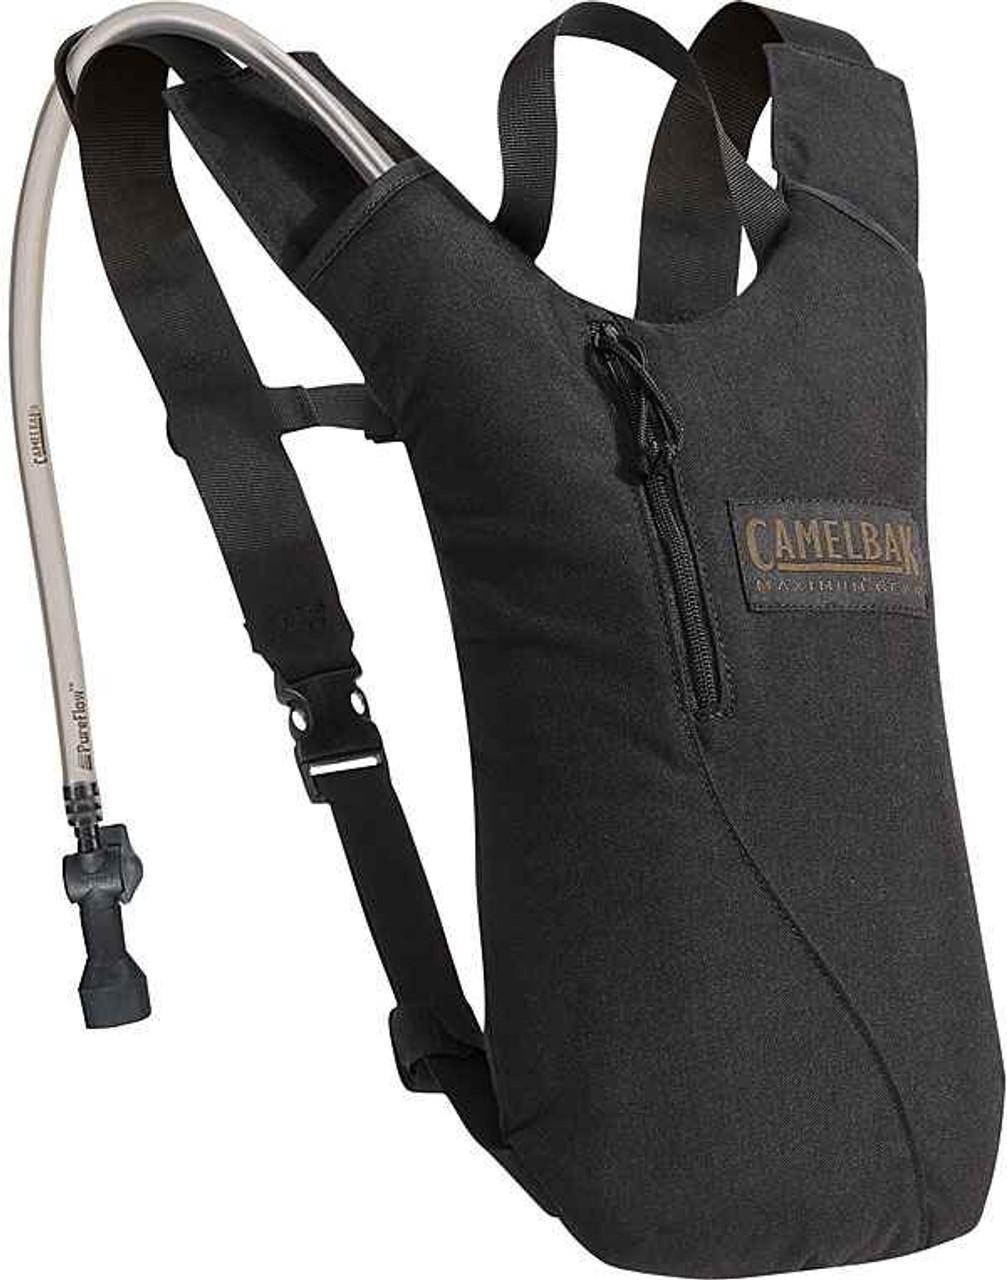 CamelBak Sabre 70oz/2L Hydration Backpack